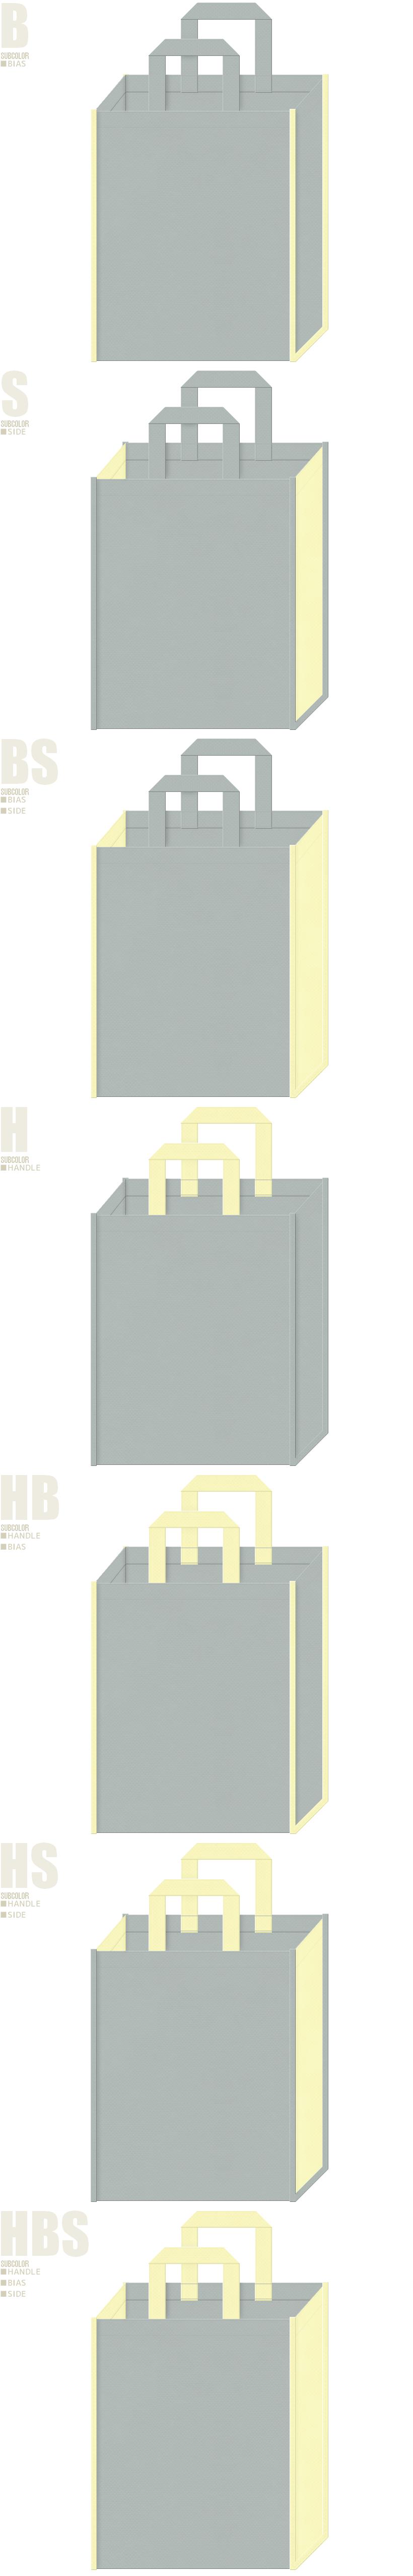 照明器具の展示会用バッグにお奨めの、グレー色と淡黄色-7パターンの不織布トートバッグ配色デザイン例